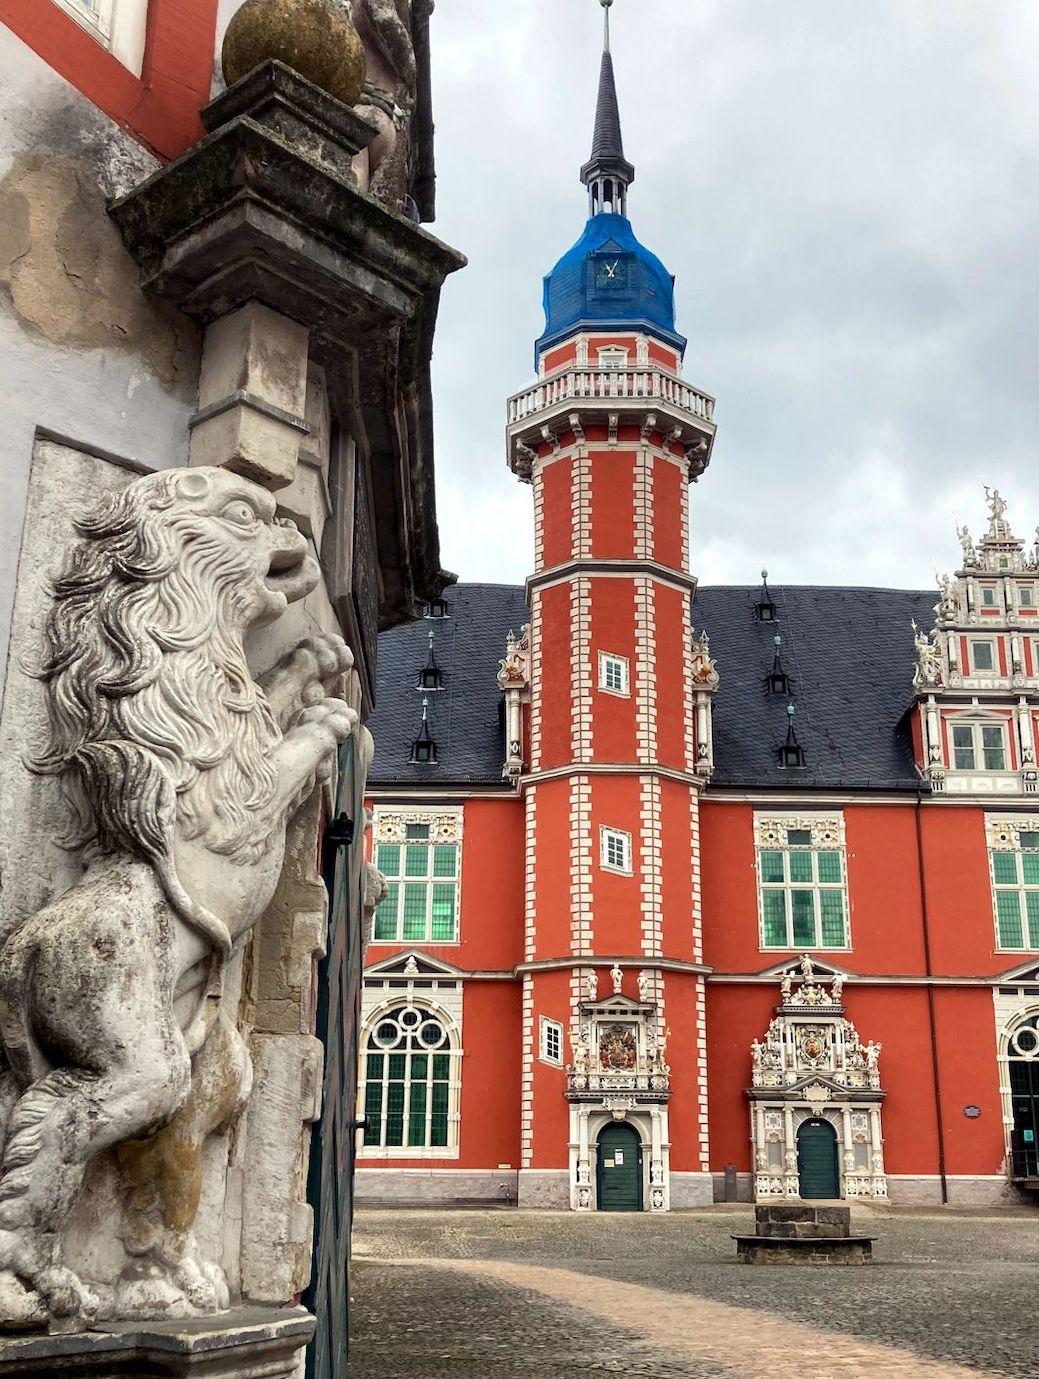 Wissenwertes über das Universitätsleben in Helmstedt können Interessierte während der Städteführung am Pfingstsonnabend, 22. Mai, erfahren. Foto: Martina Hartmann